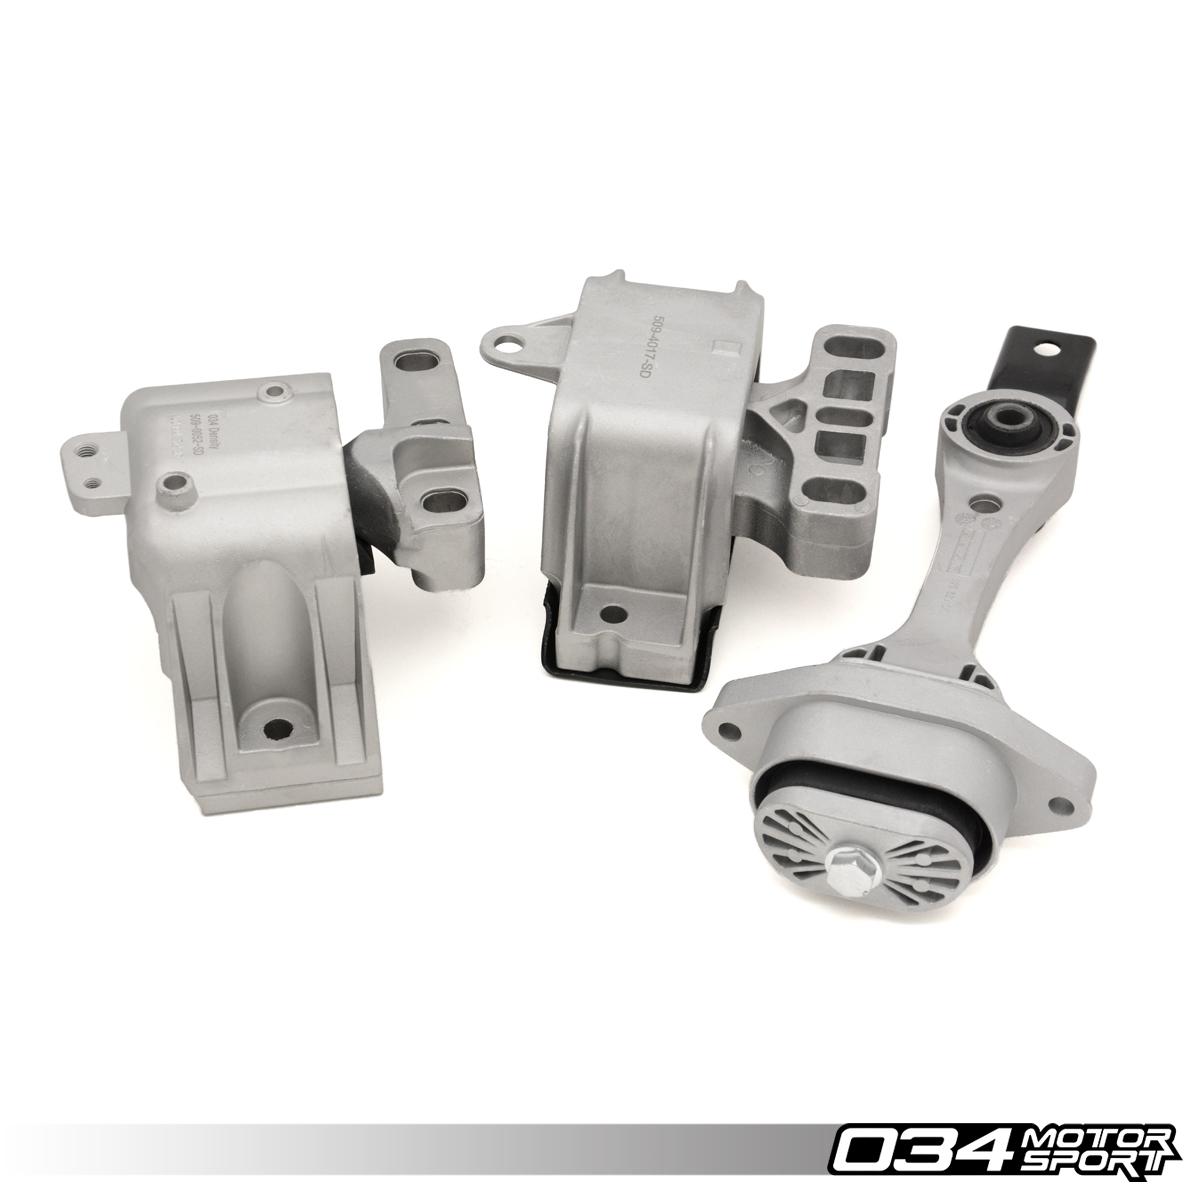 Motor Mount Set, Density Line, MkIV Volkswagen, 8L & 8N Audi, 1.8T, 2.0L, TDI - 034-509-5007 ...